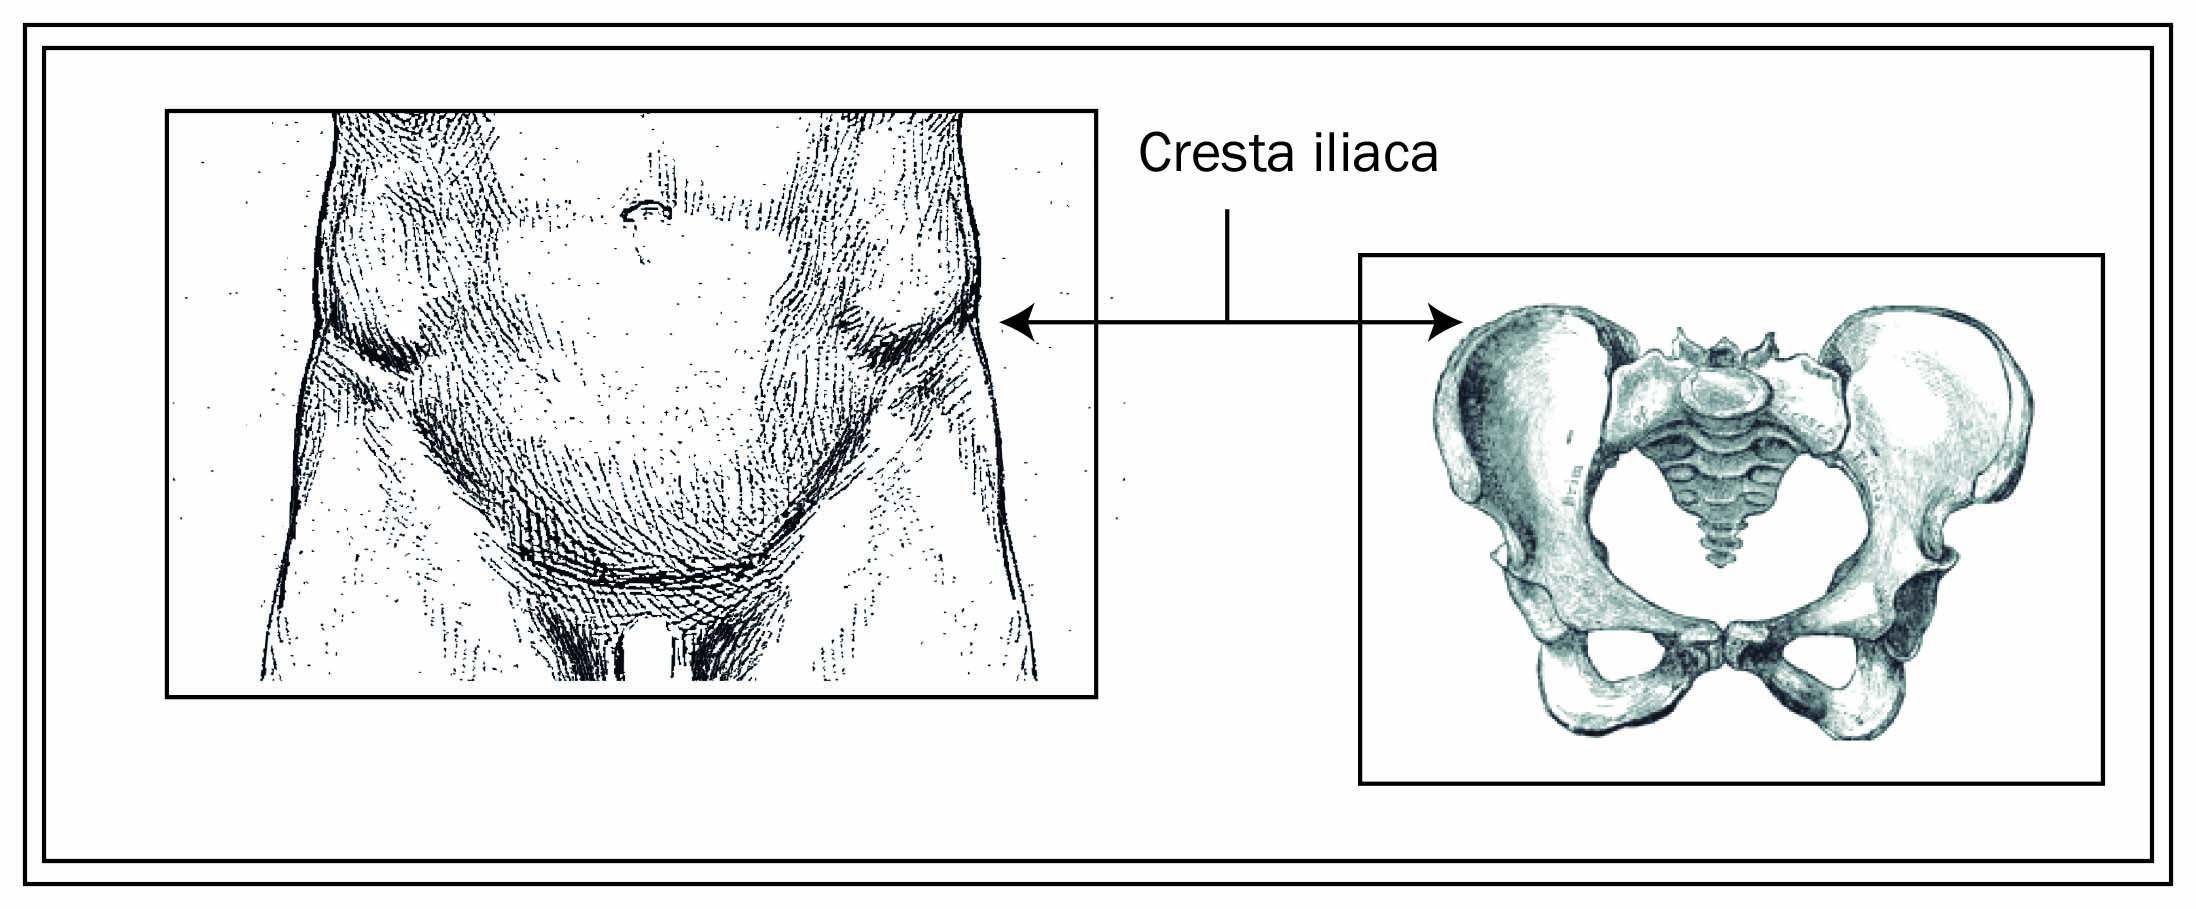 Increíble Anatomía Cresta Ilíaca Embellecimiento - Imágenes de ...